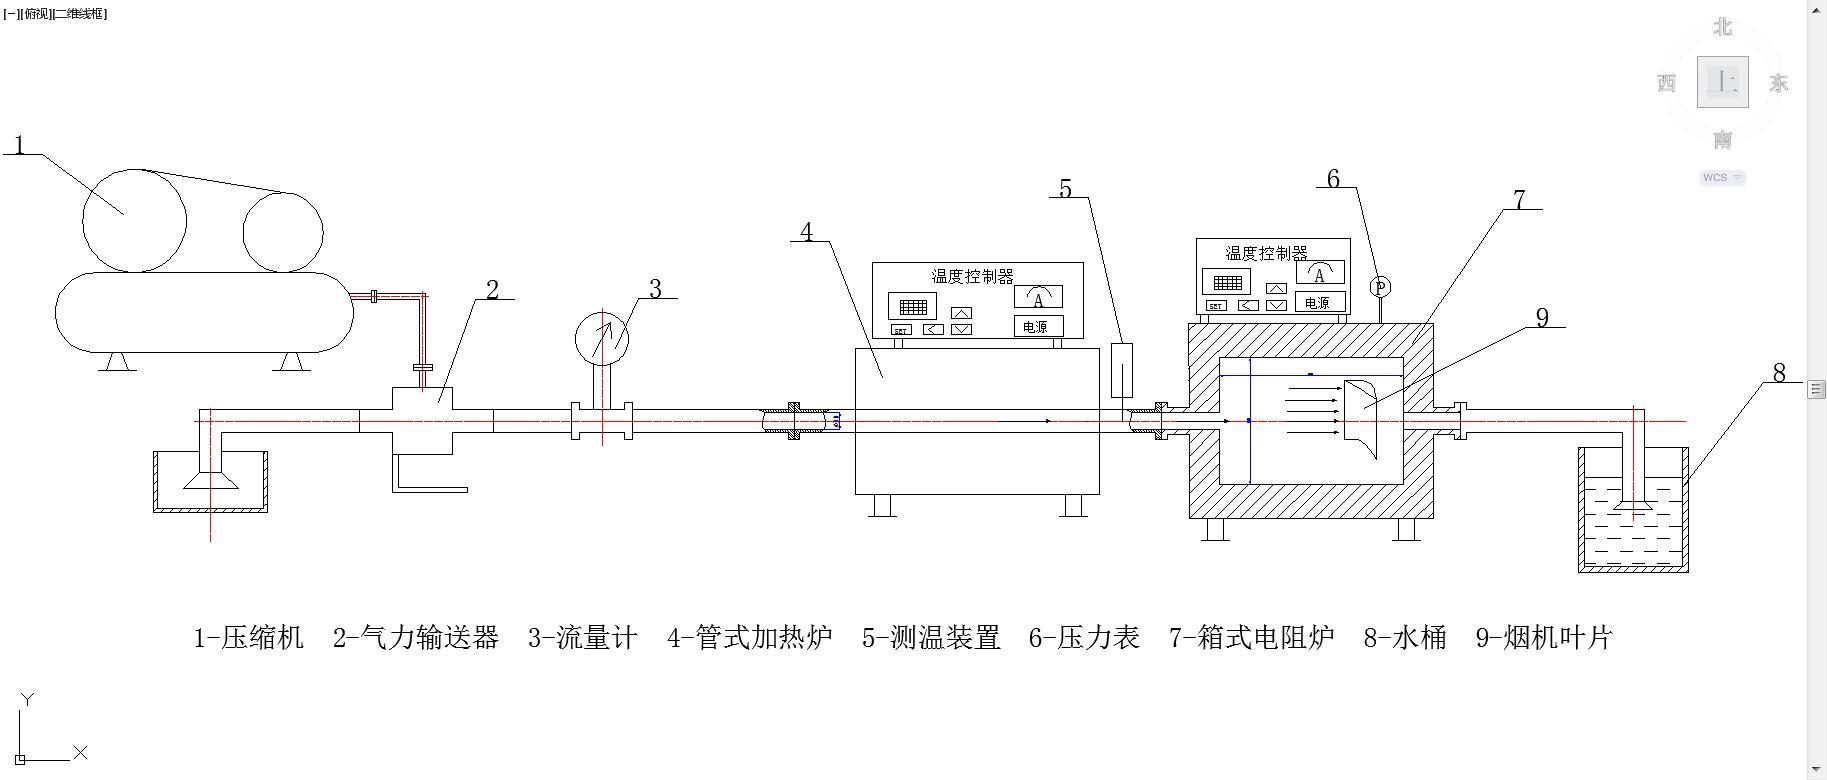 产品展厅 实验室常用设备 恒温/加热/干燥设备 马弗炉,电阻炉,实验炉